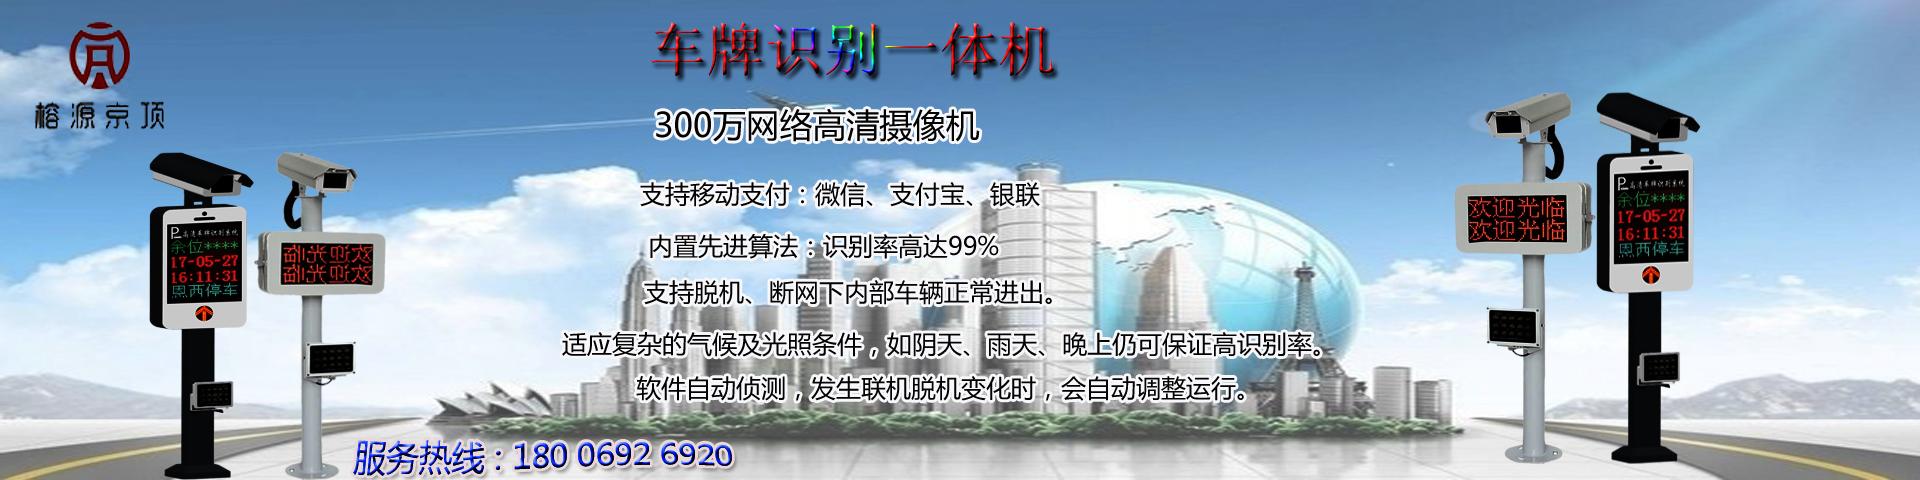 福州网页易游网